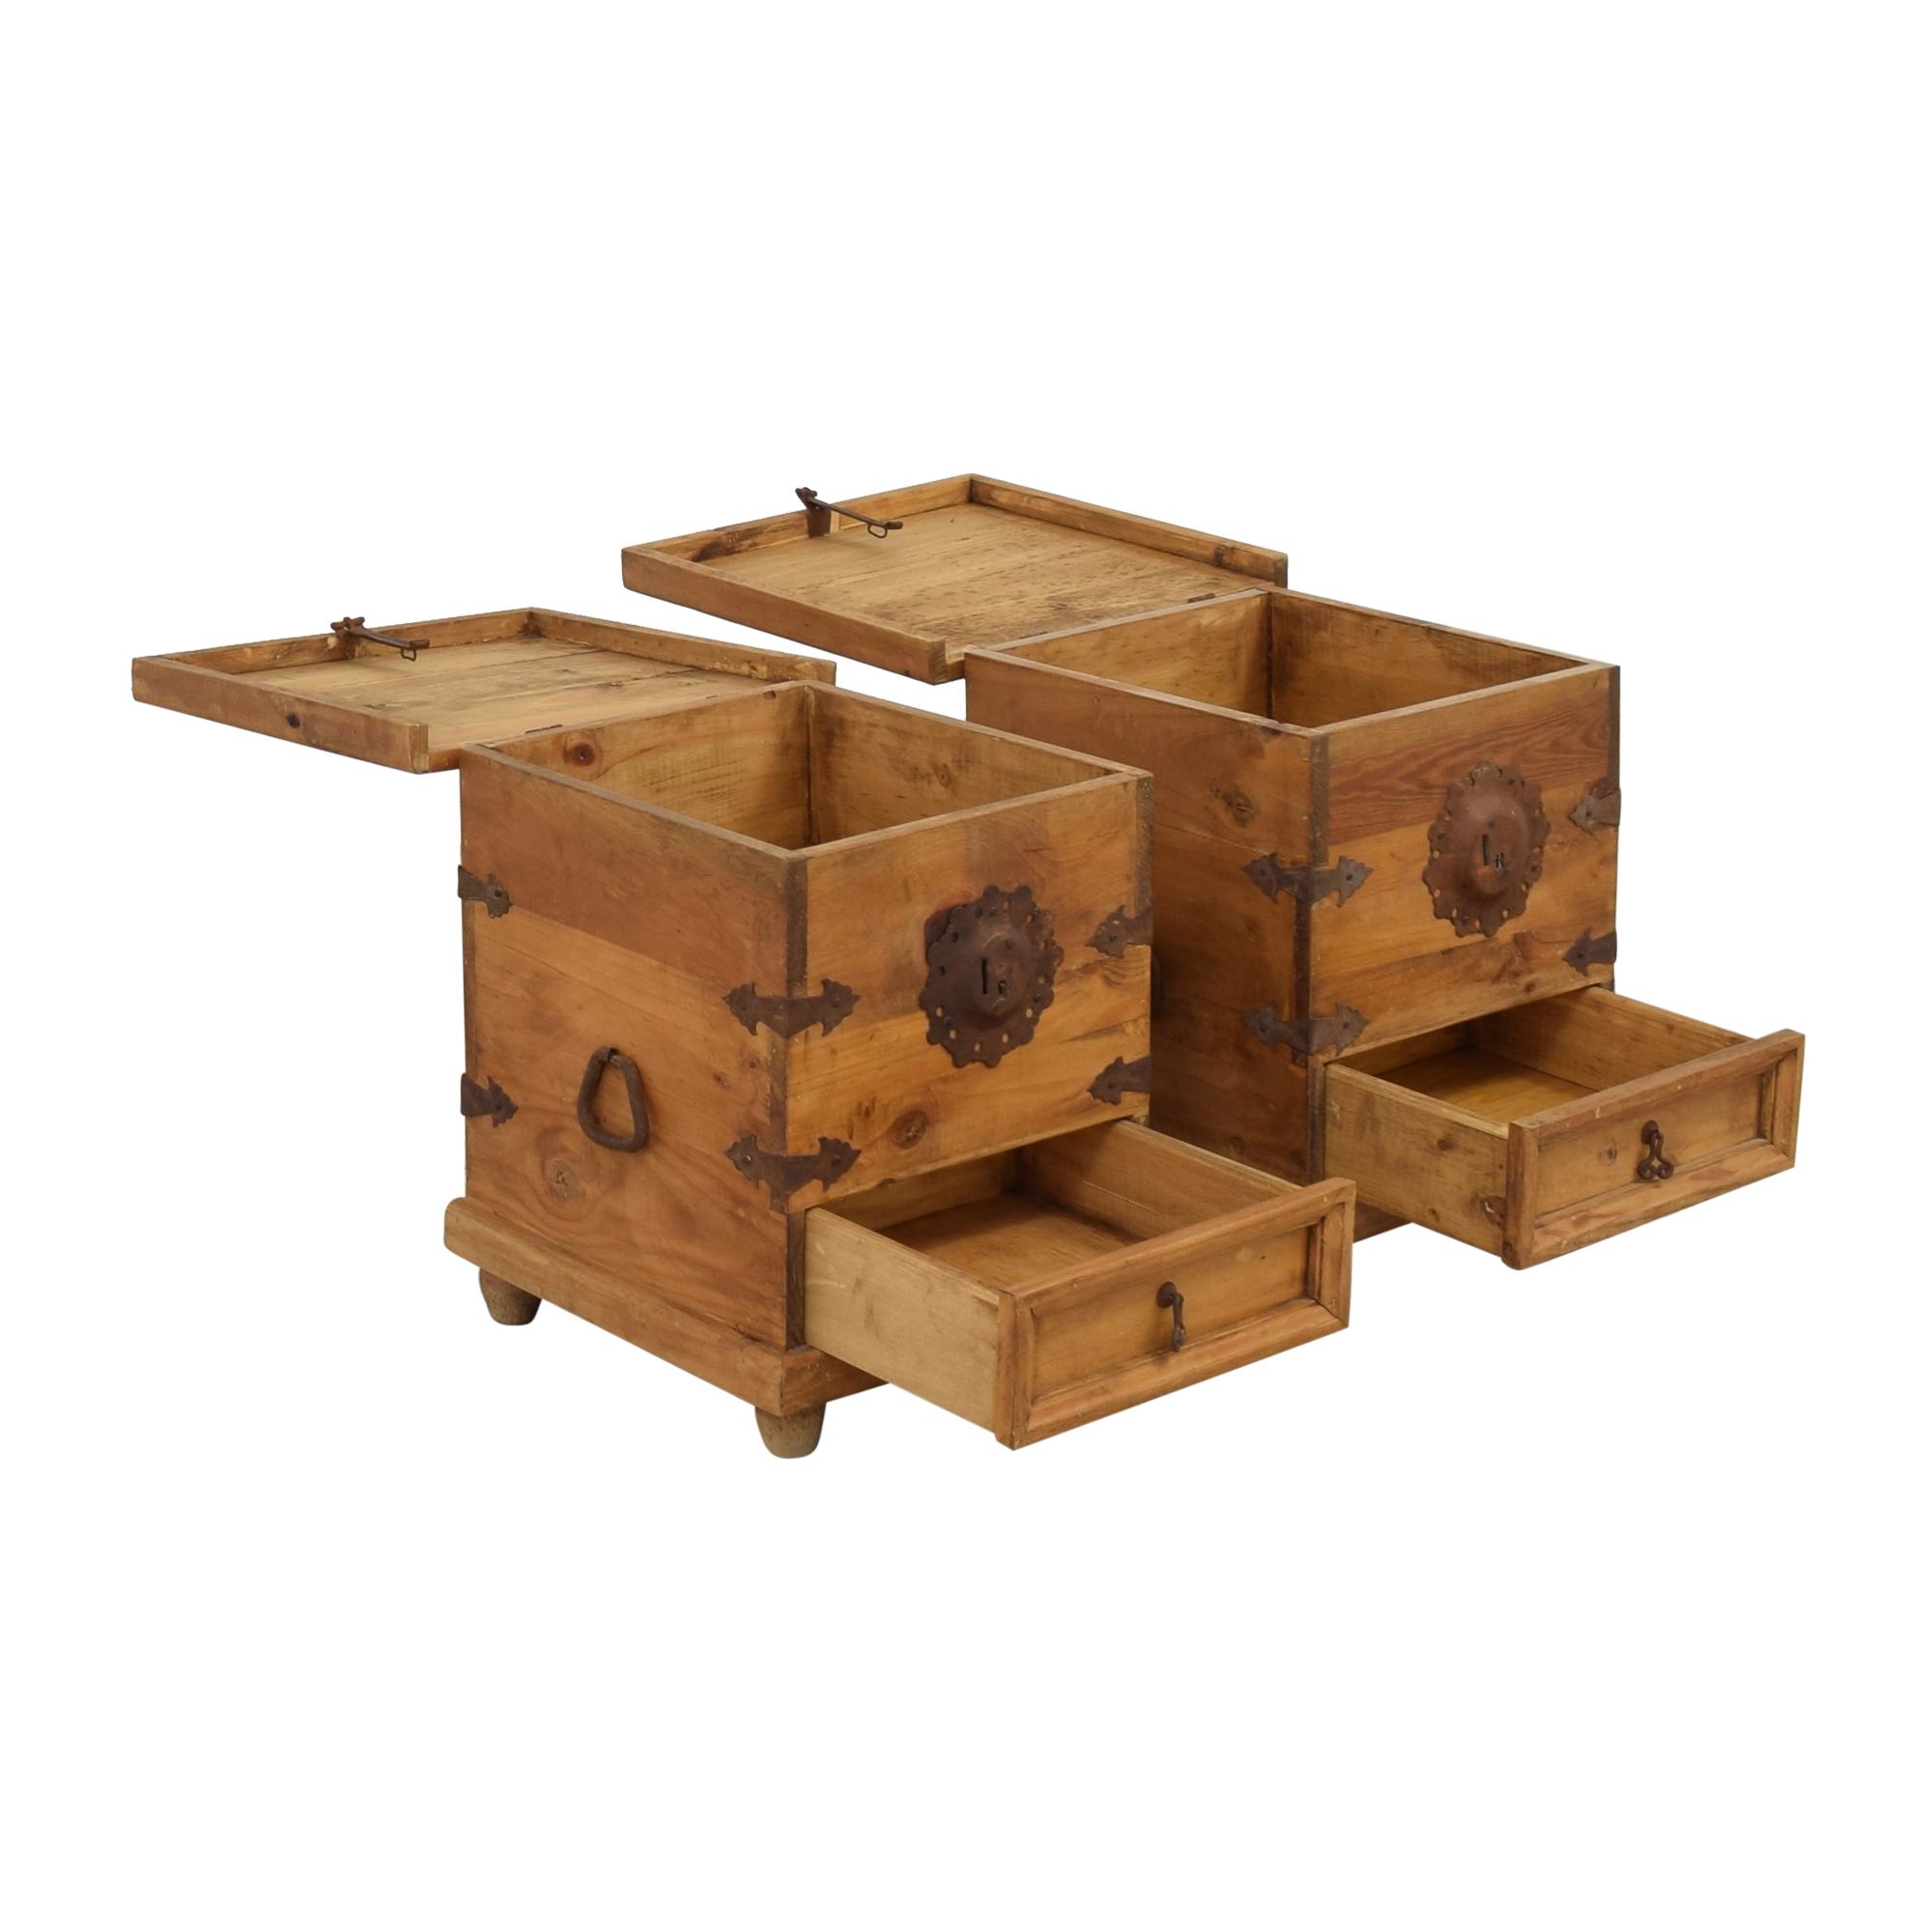 El Dorado Furniture El Dorado End Tables with Storage pa